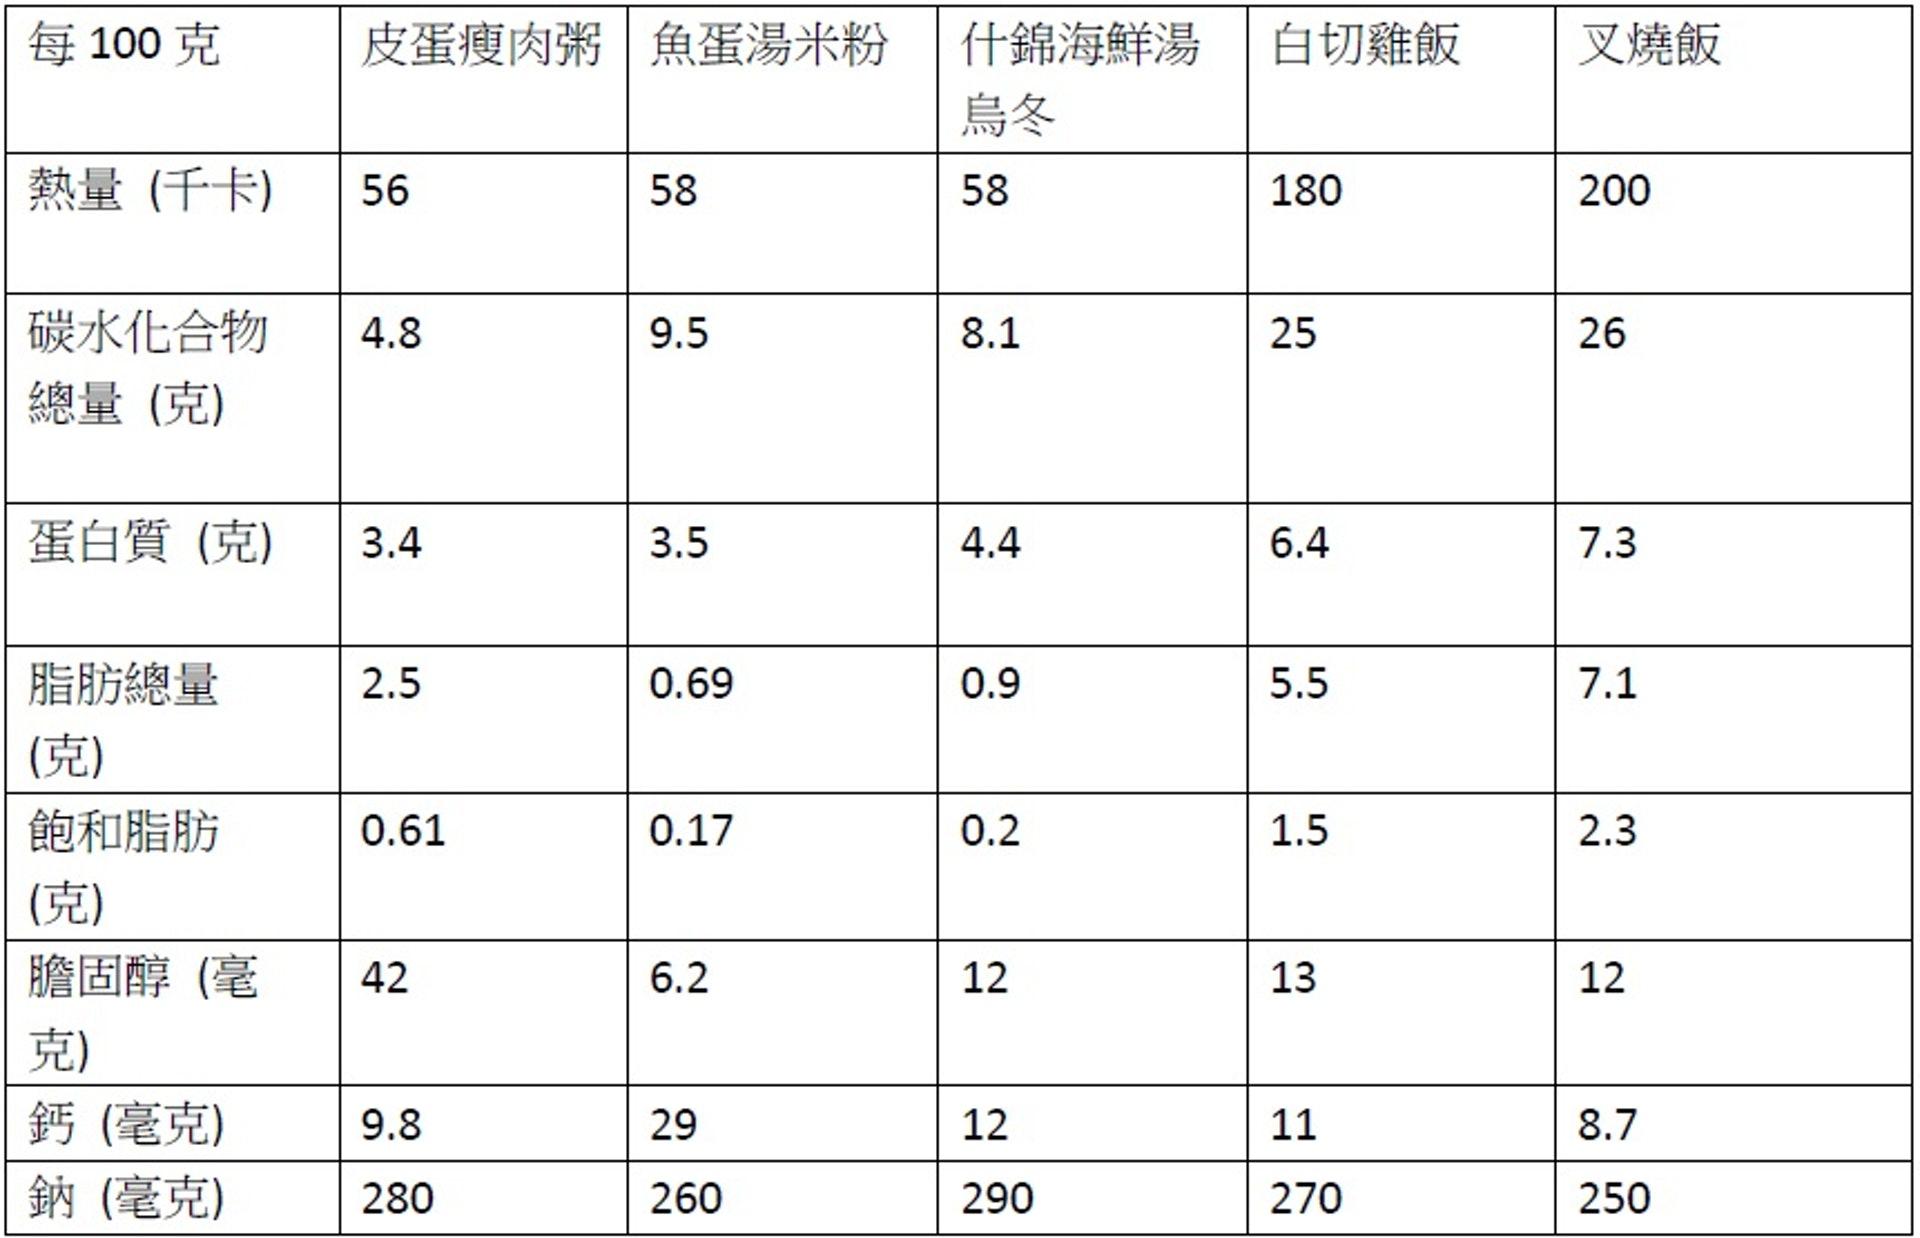 五種午餐的營養素含量(每100克)